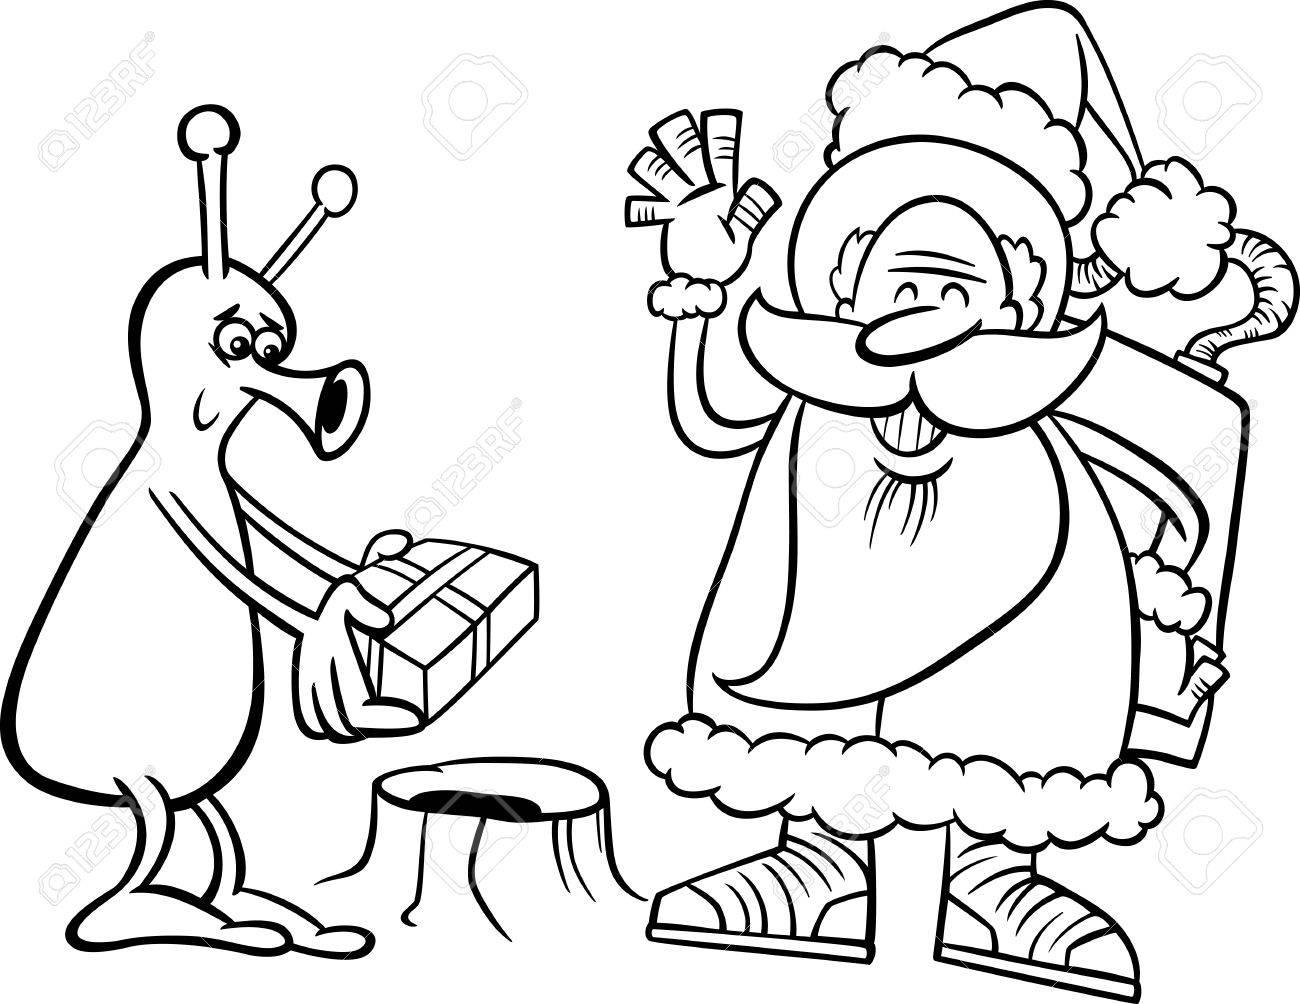 Blanco Y Negro Ilustración De Dibujos Animados De Santa Claus En El ...